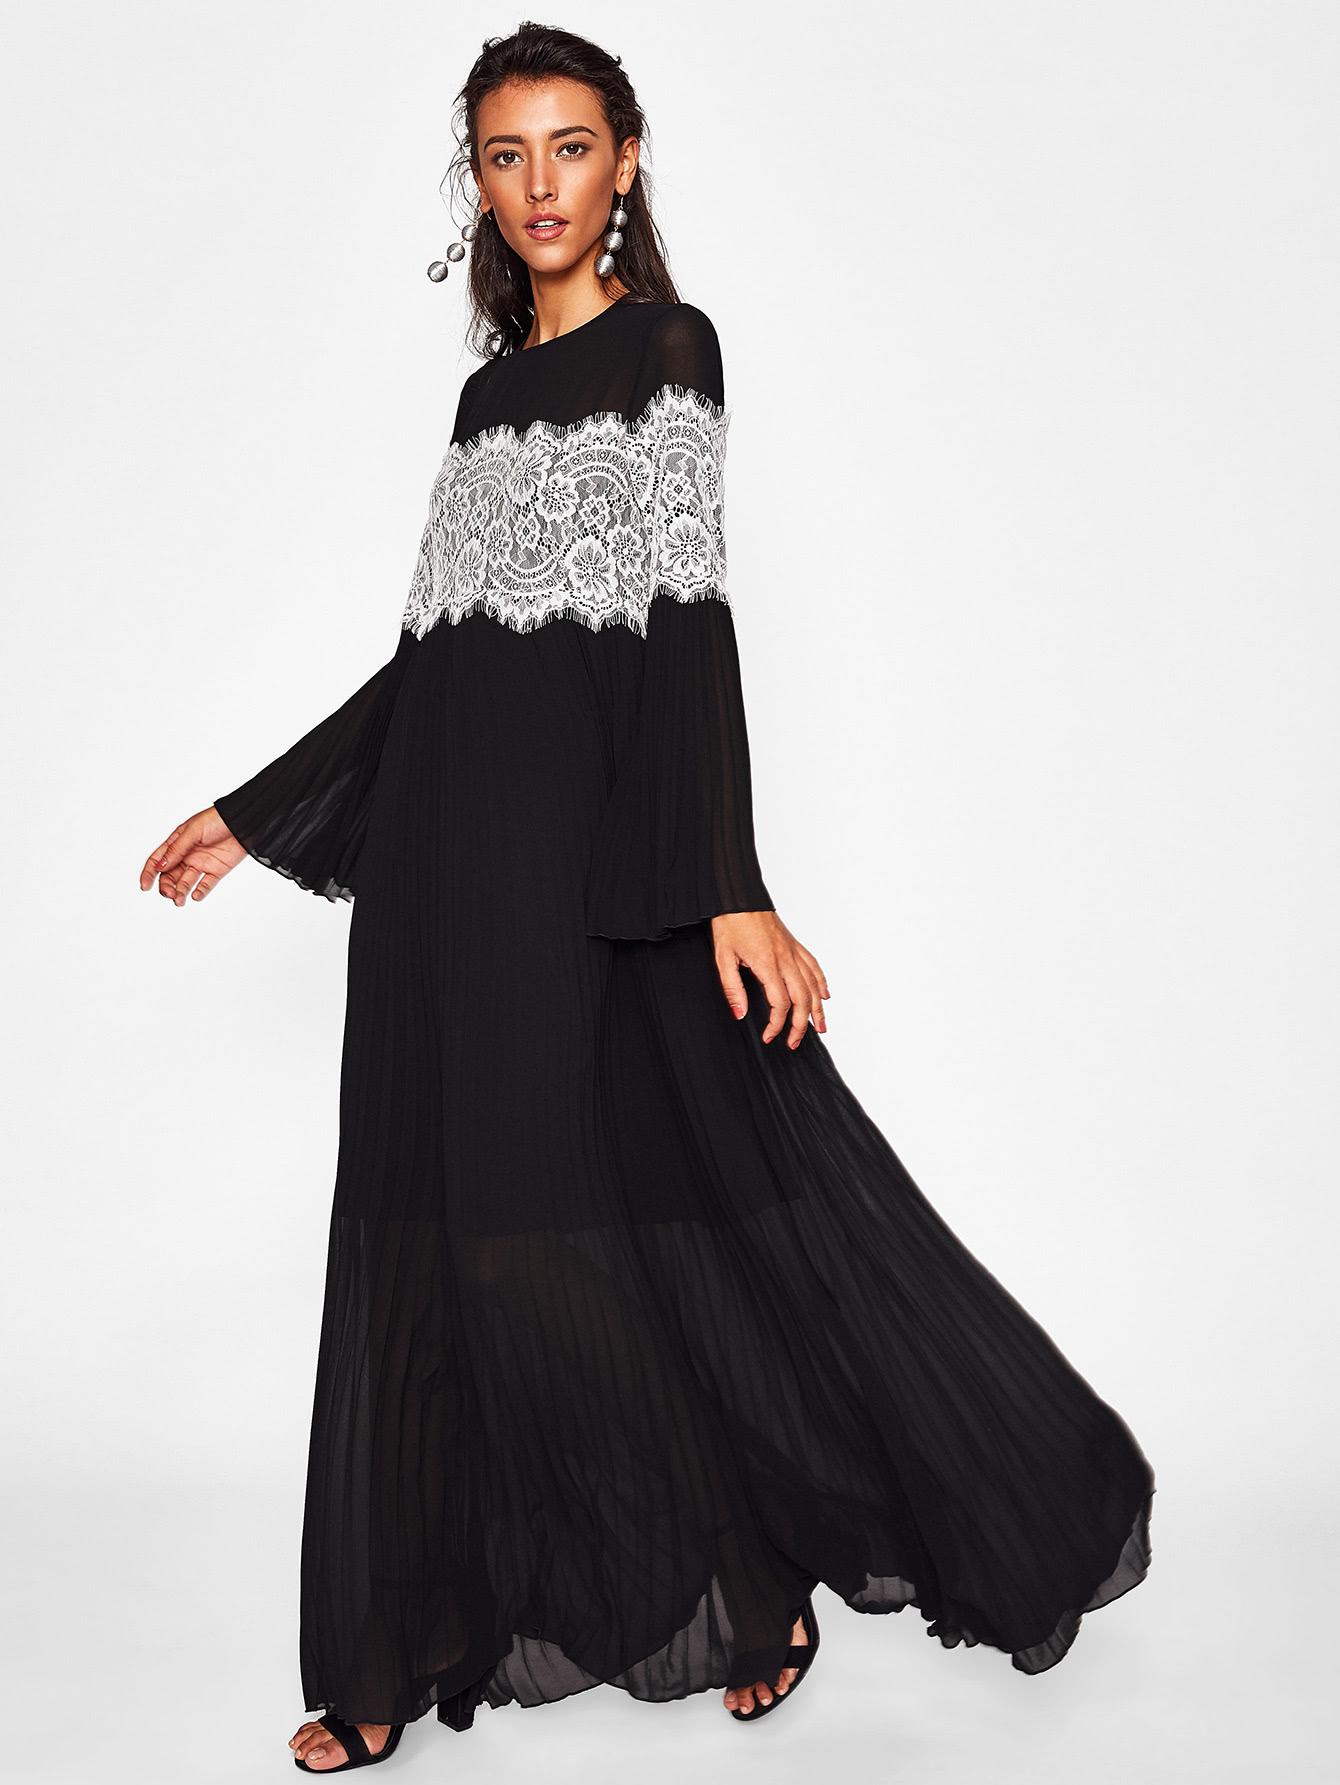 Contrast Lace Applique Trumpet Sleeve Flowy Dress